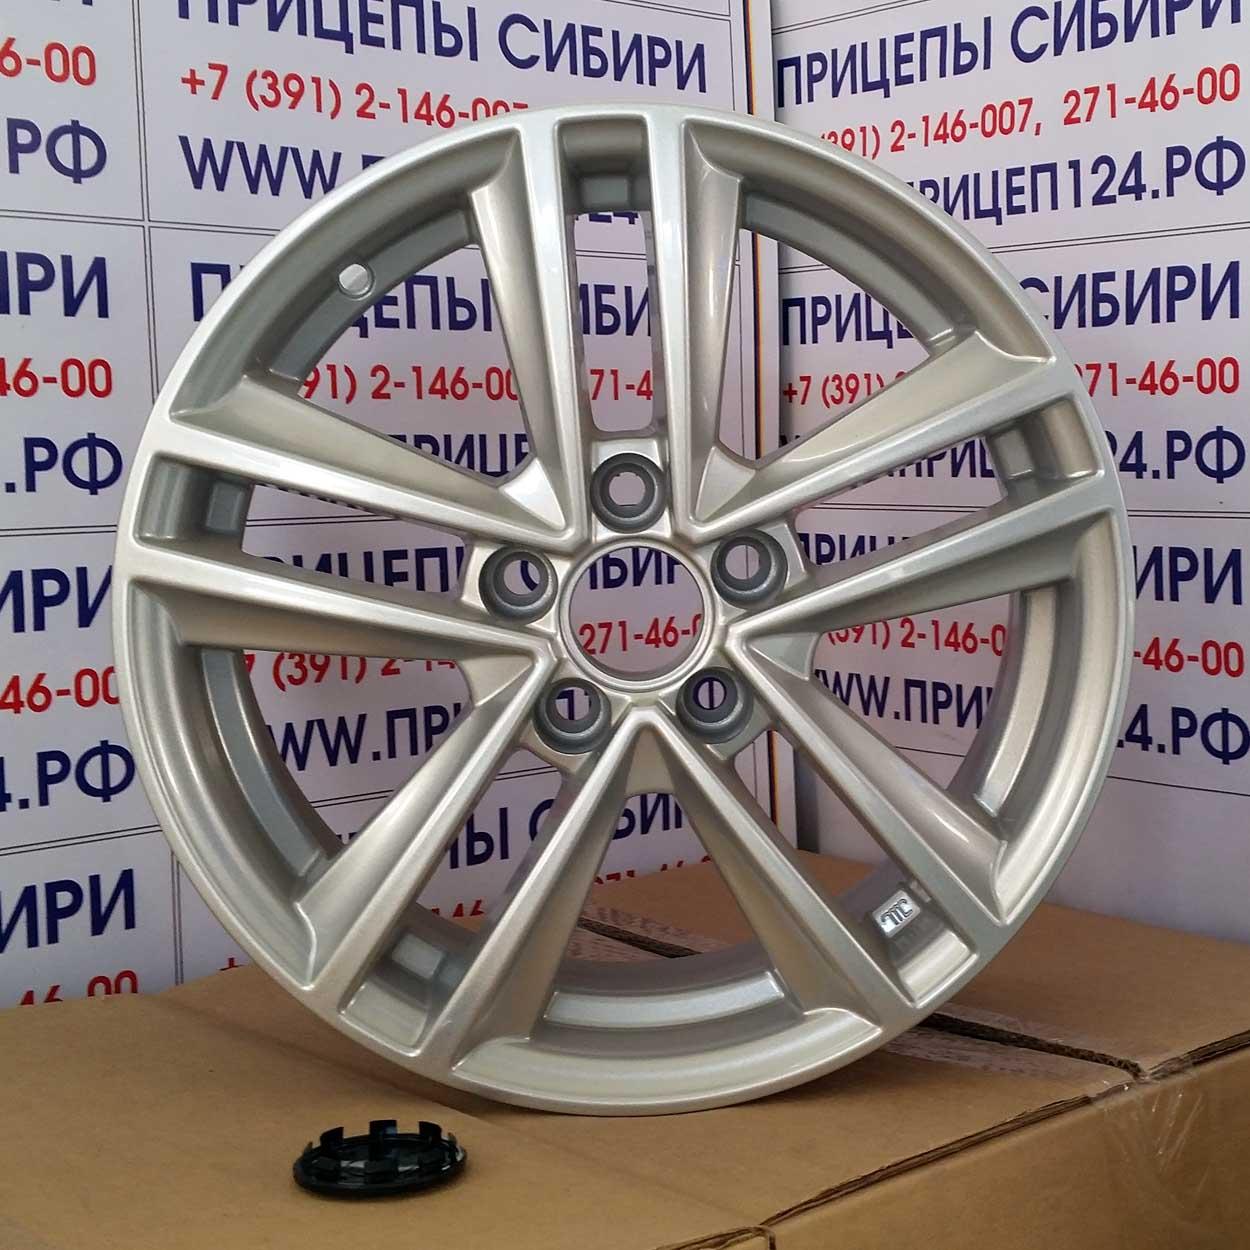 Литые диски КиК, R16 K-137 Крым